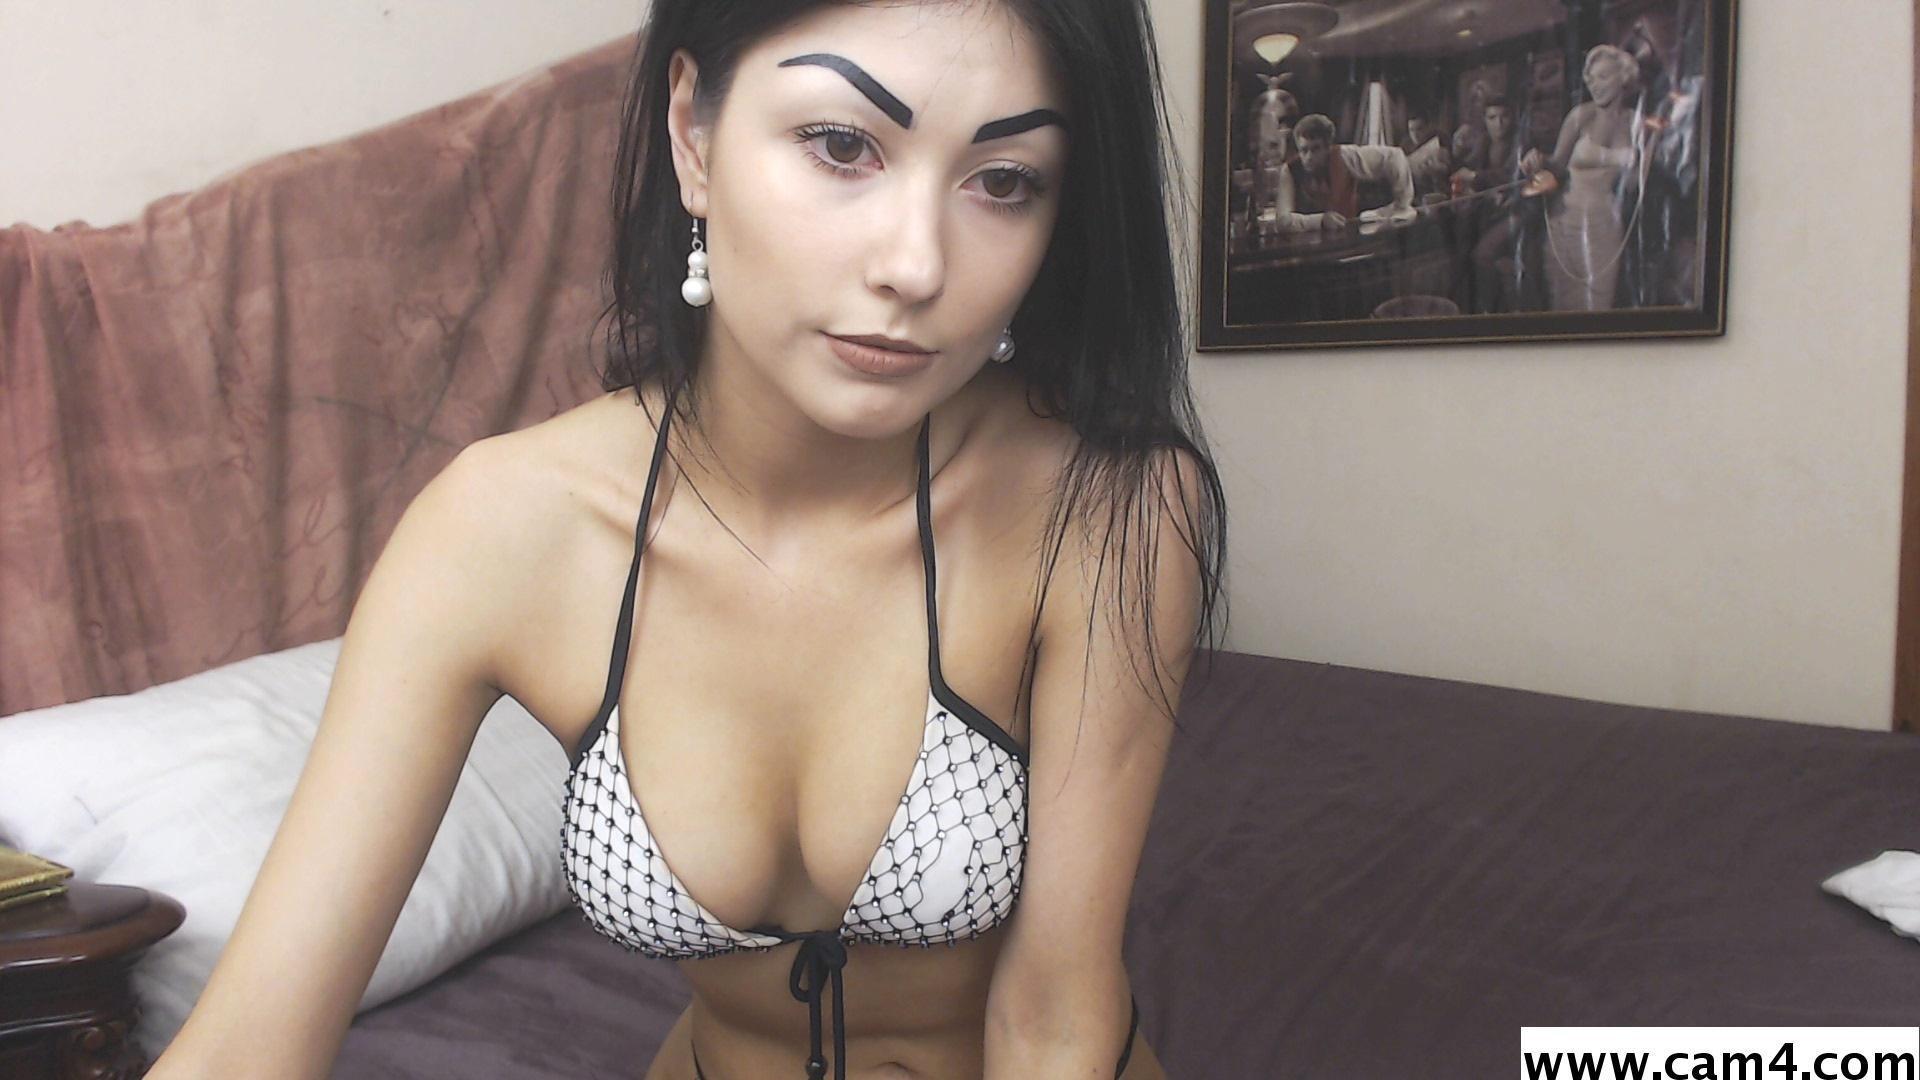 Cam erotica